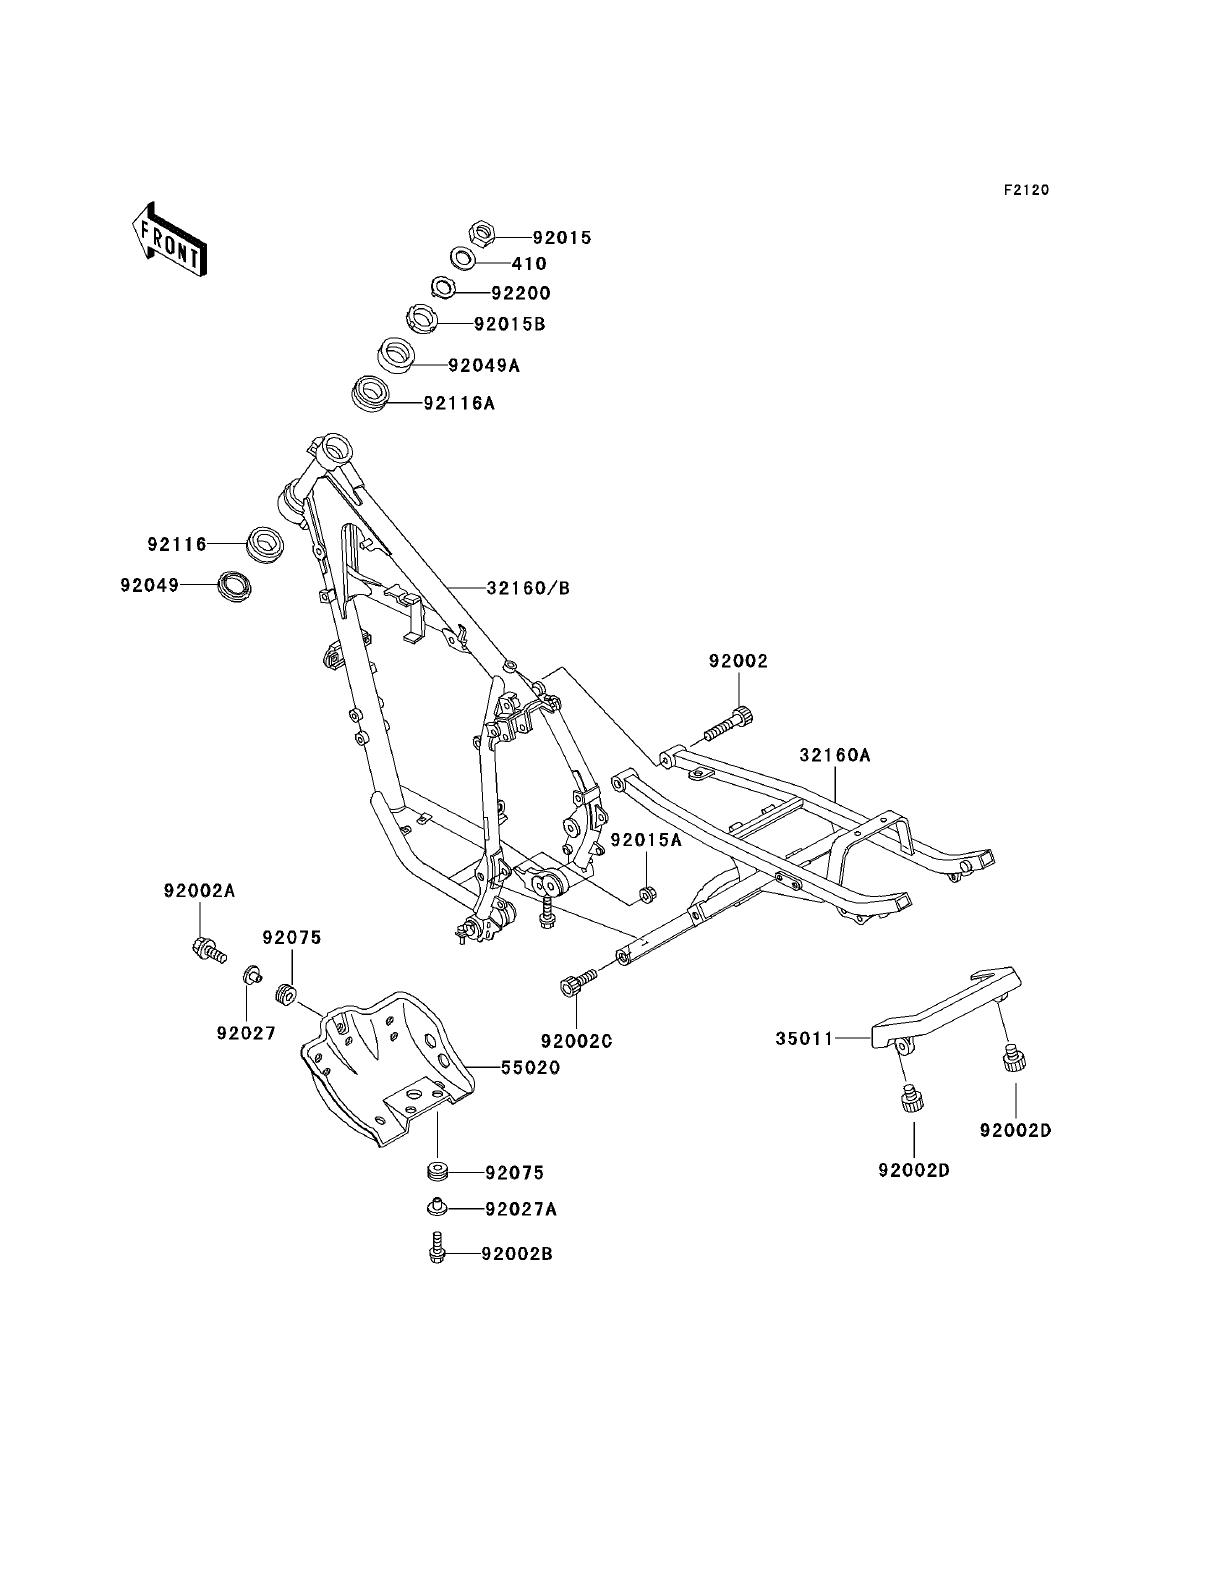 Kawasaki Klr250 Parts Diagrams